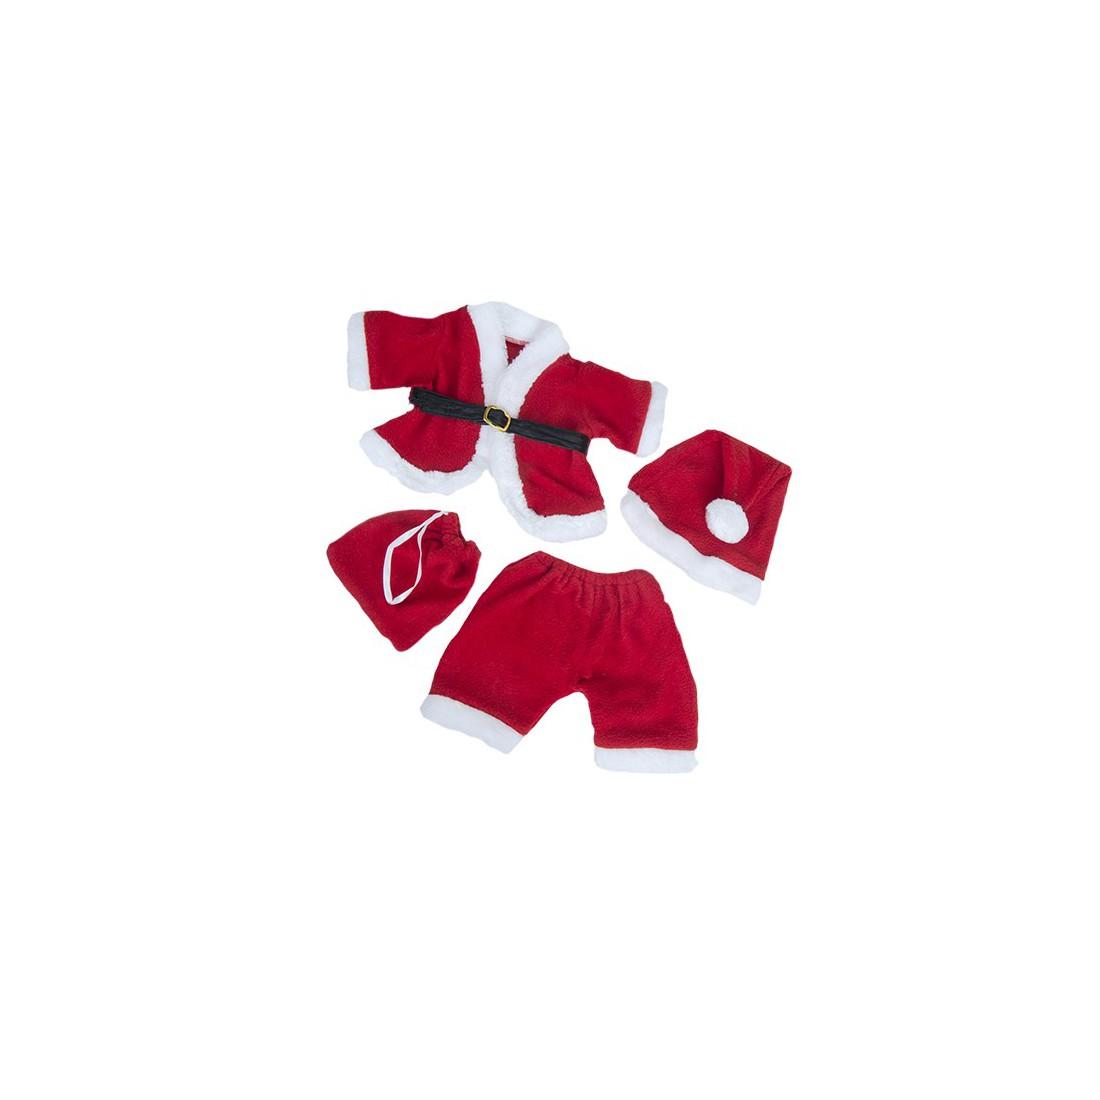 Tenue de Père-Noël  - la tenue idéale pour les peluches personnalisées ! ,  40 cm  - La tenue idé